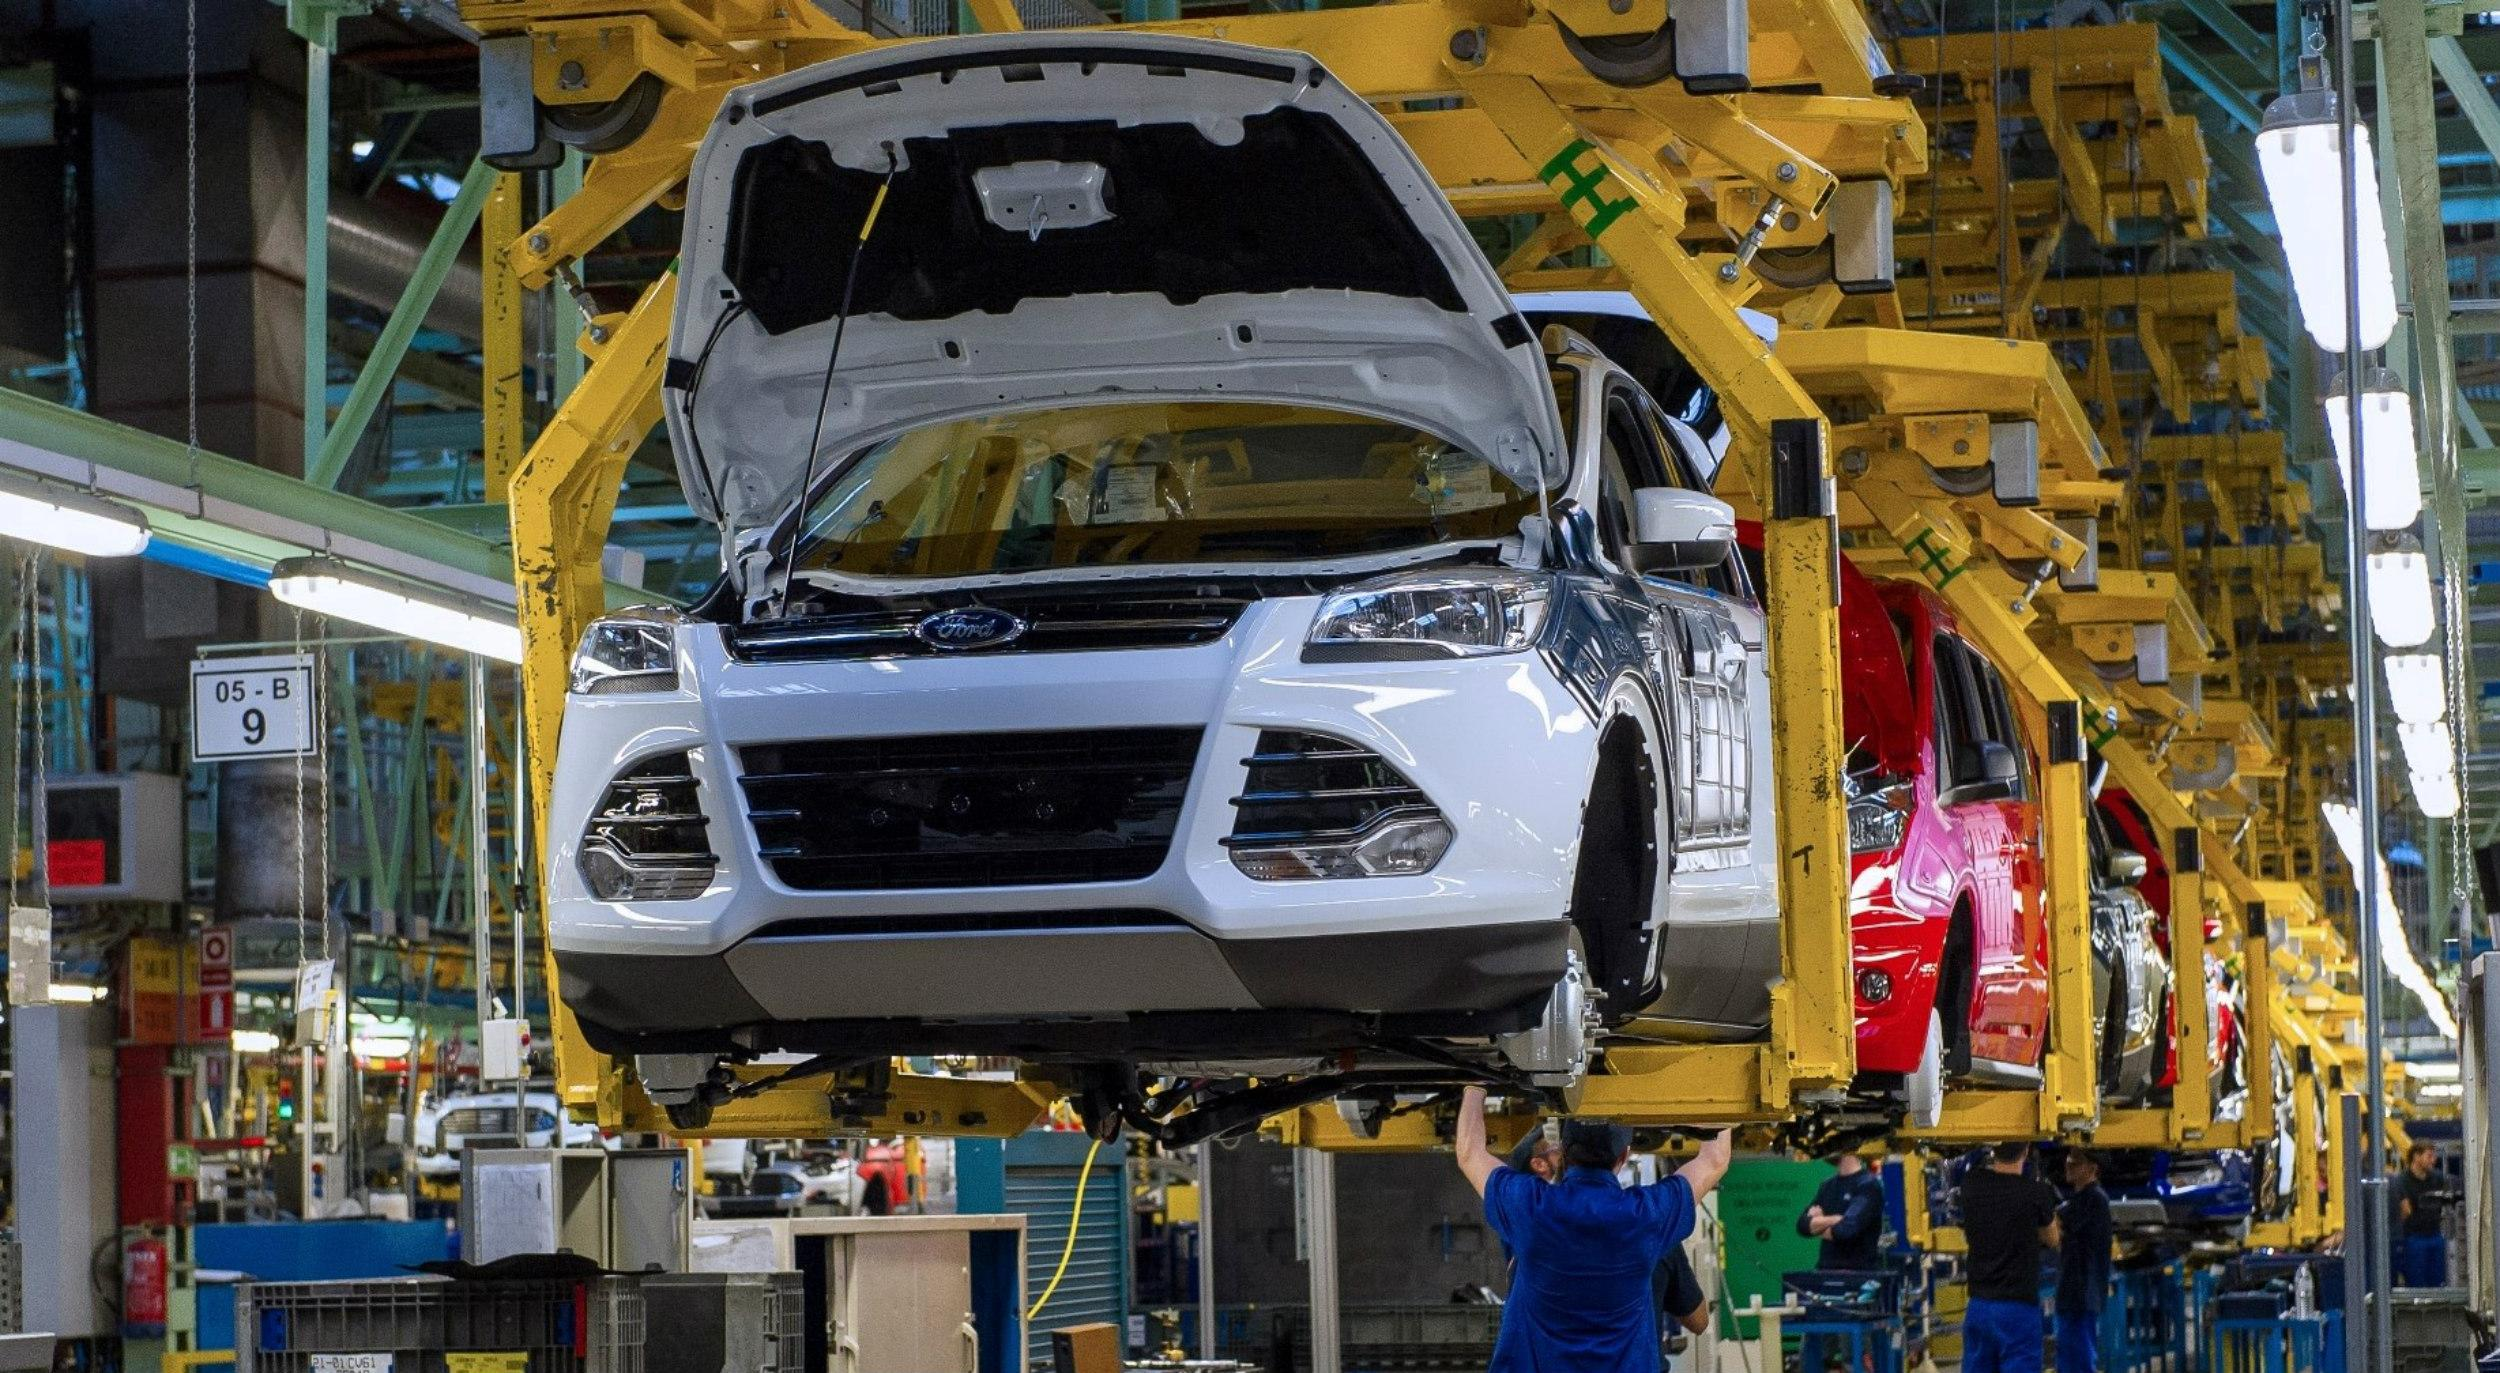 La situación de las fábricas de automotores